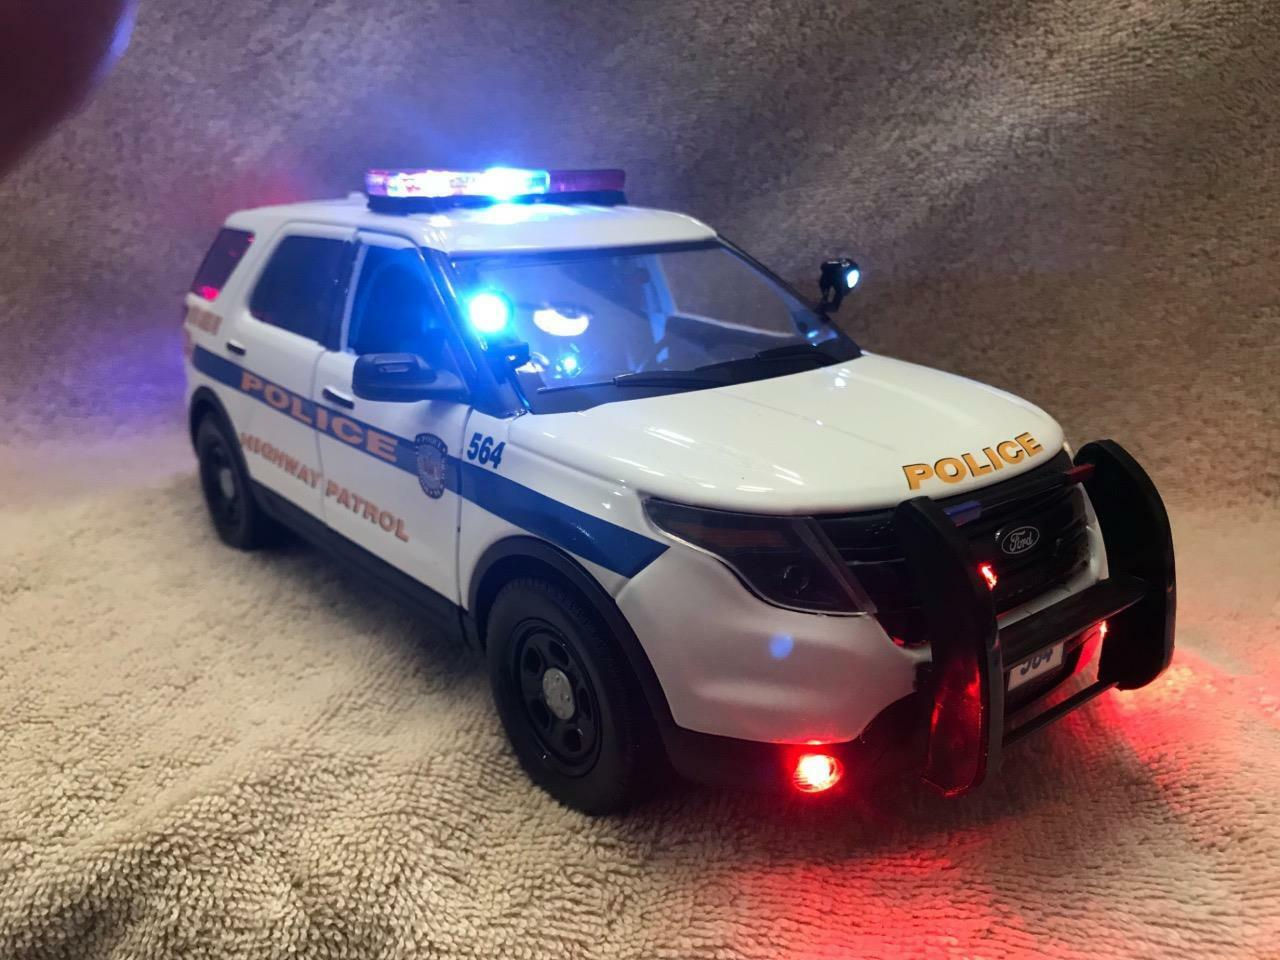 LYNBROOK Diecast Escala 1 18 de policía de Nueva York Ford Sport Utility Vehicle con luces y sirena en funcionamiento